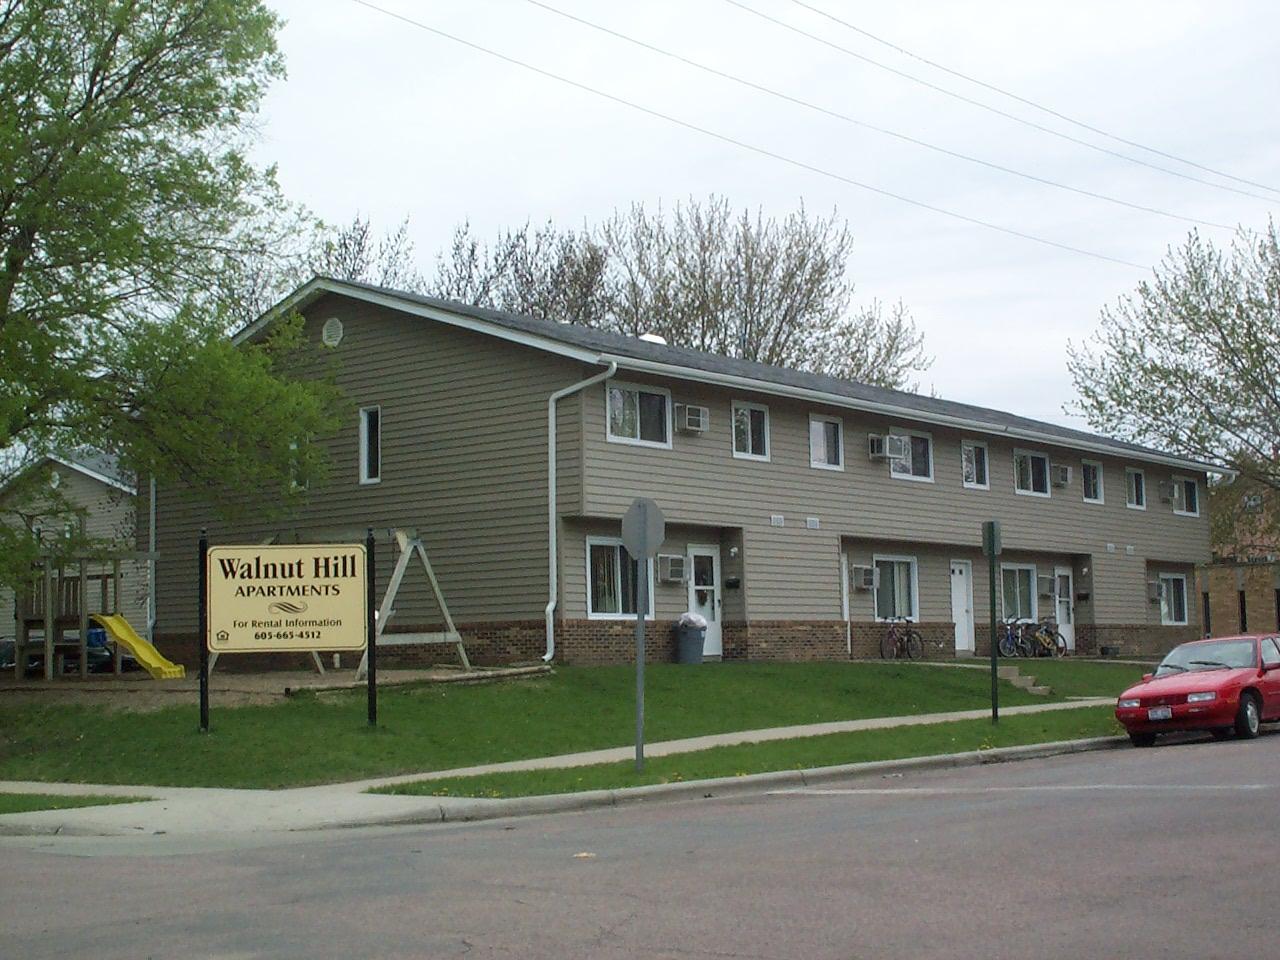 Walnut Hill Apartments